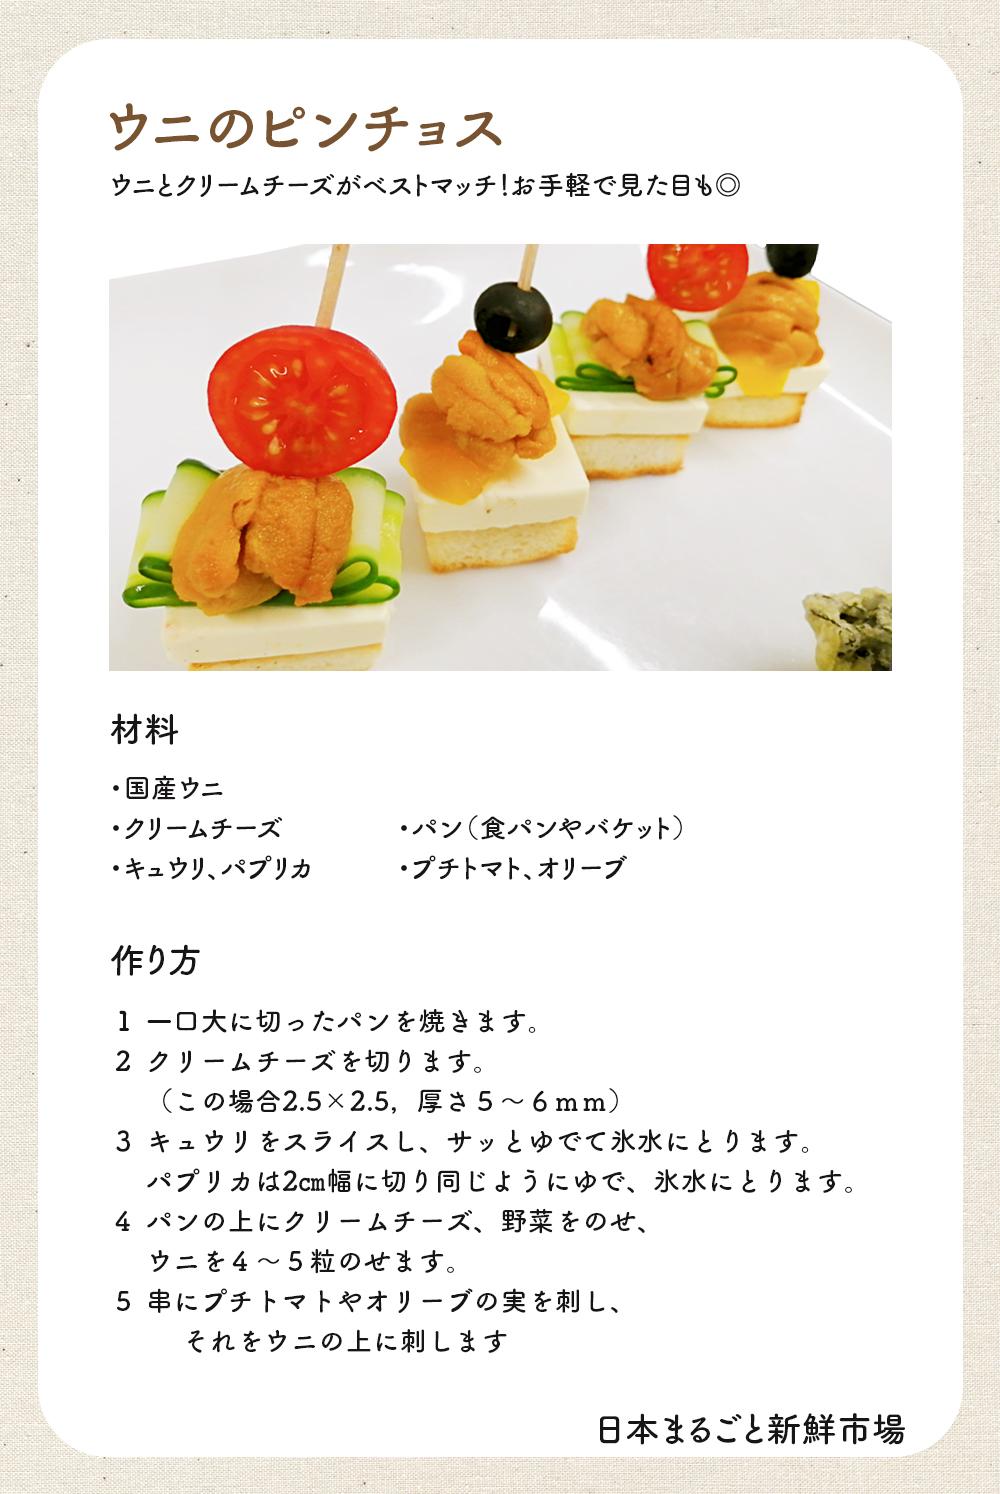 ウニのレシピ